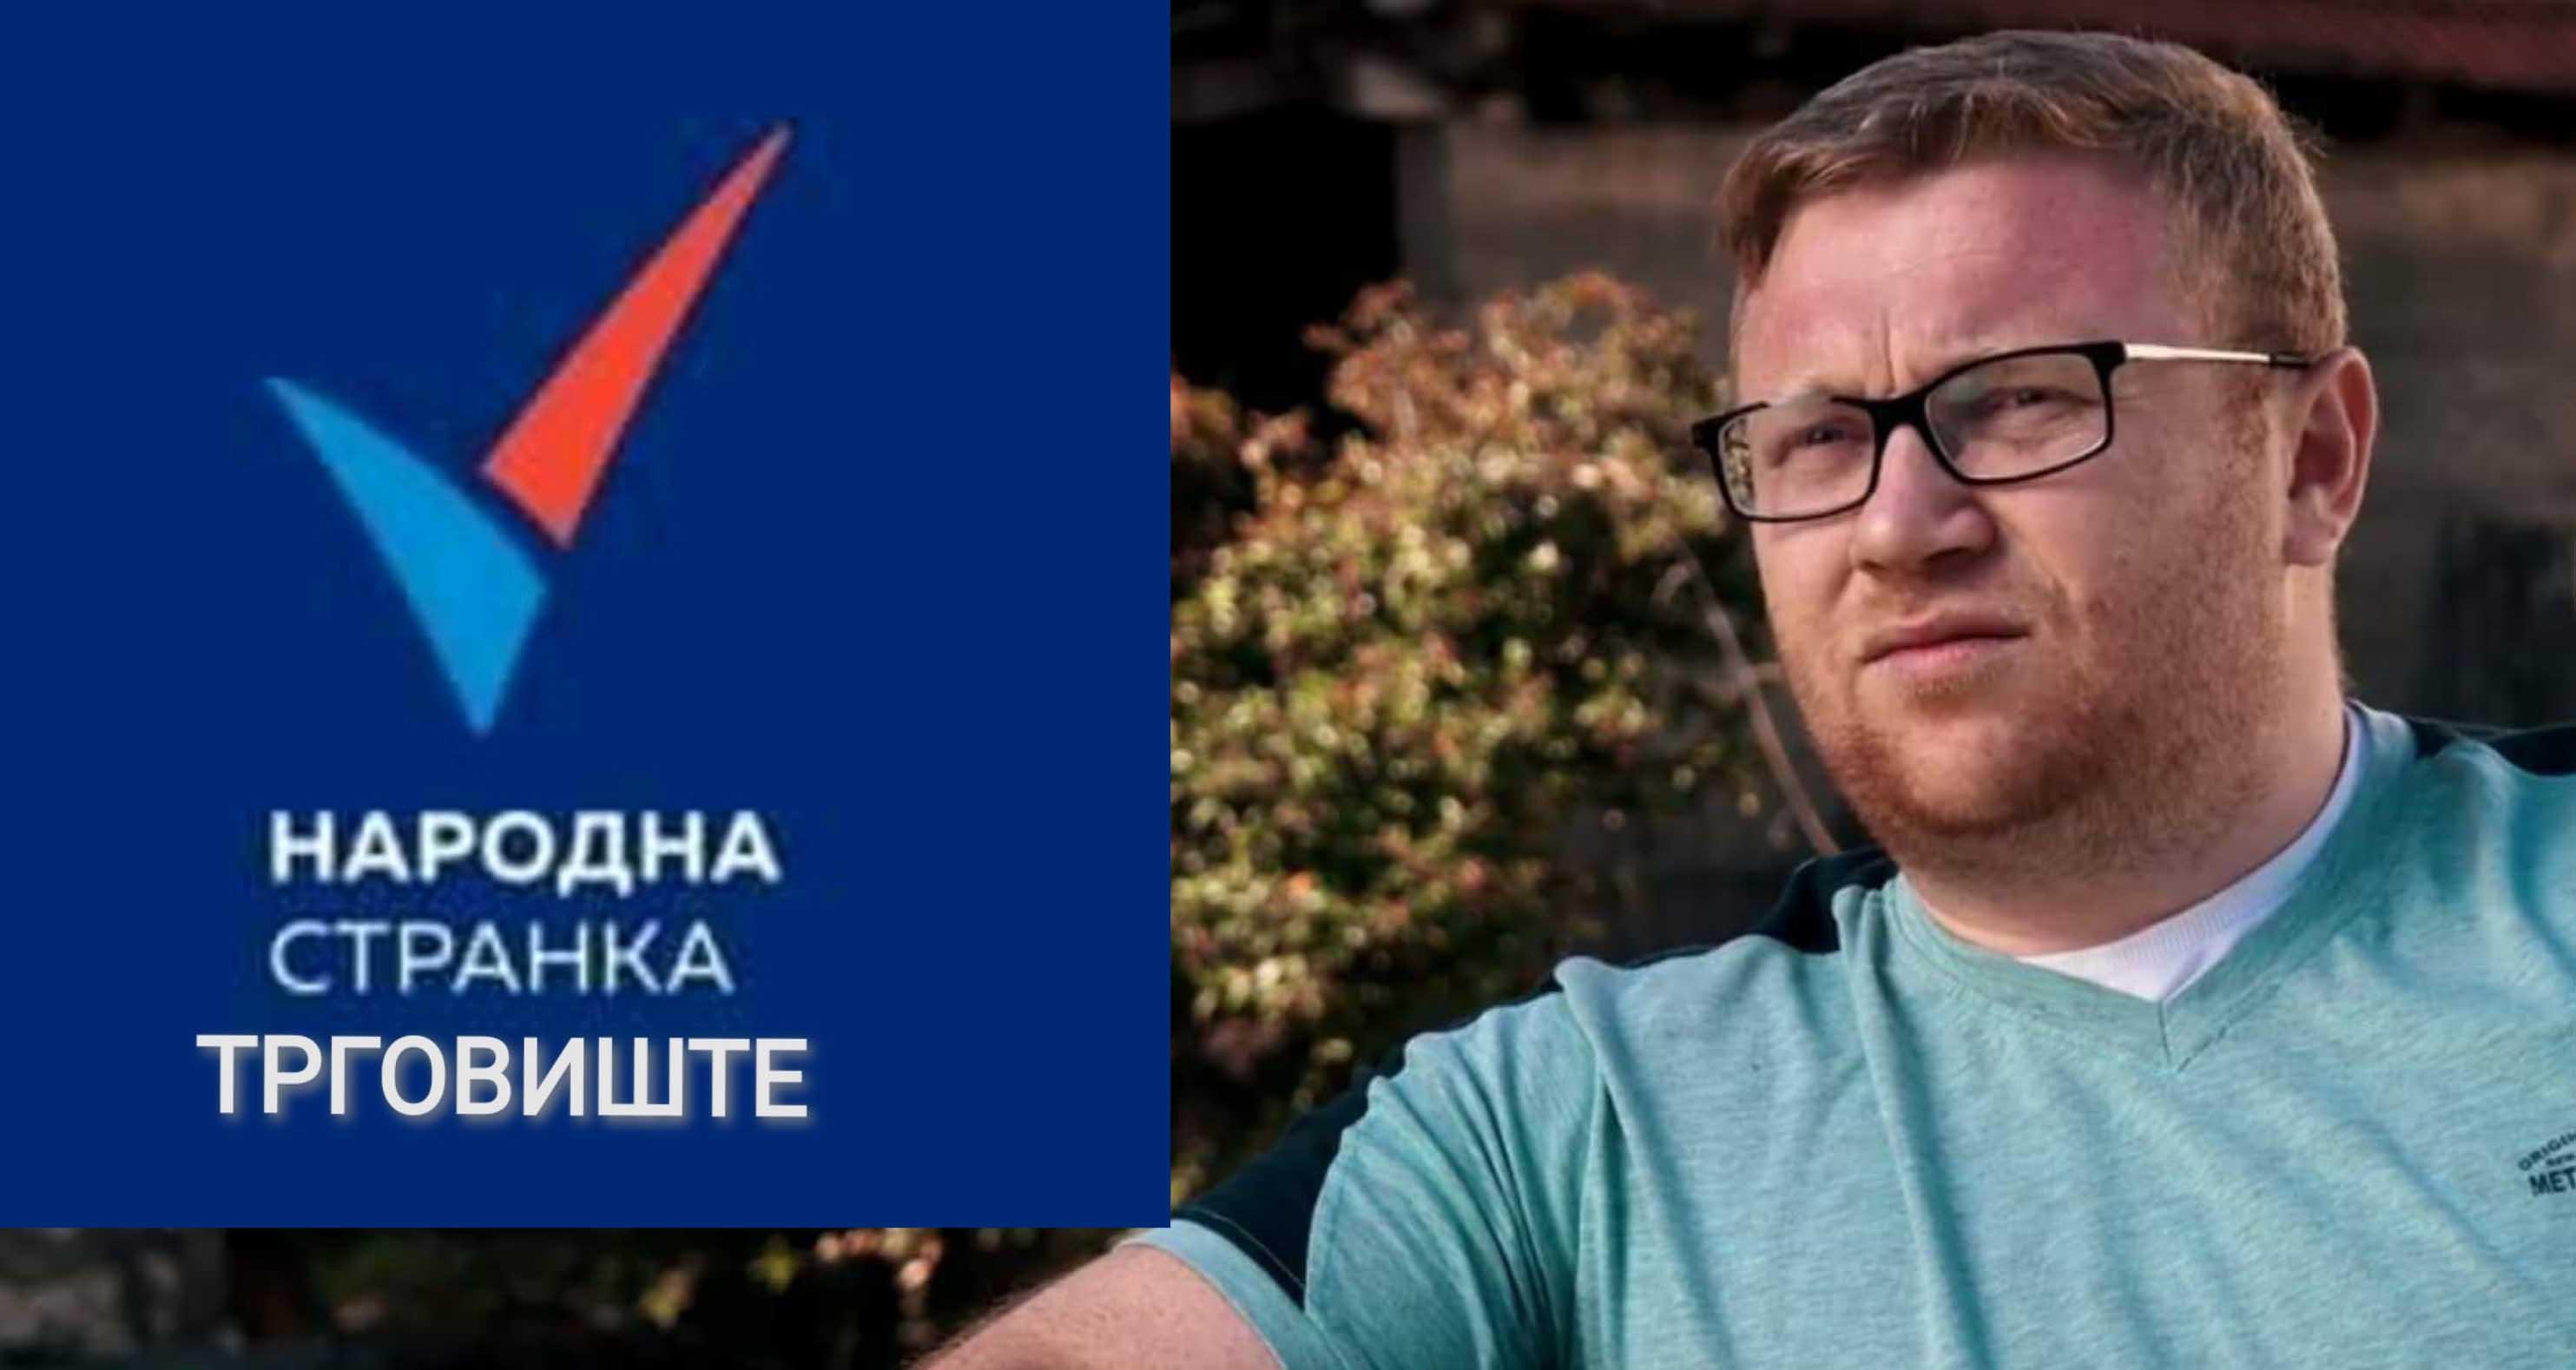 Трговиште: Народној странци се прикључио цео локални одбор странке Заједно за Србију